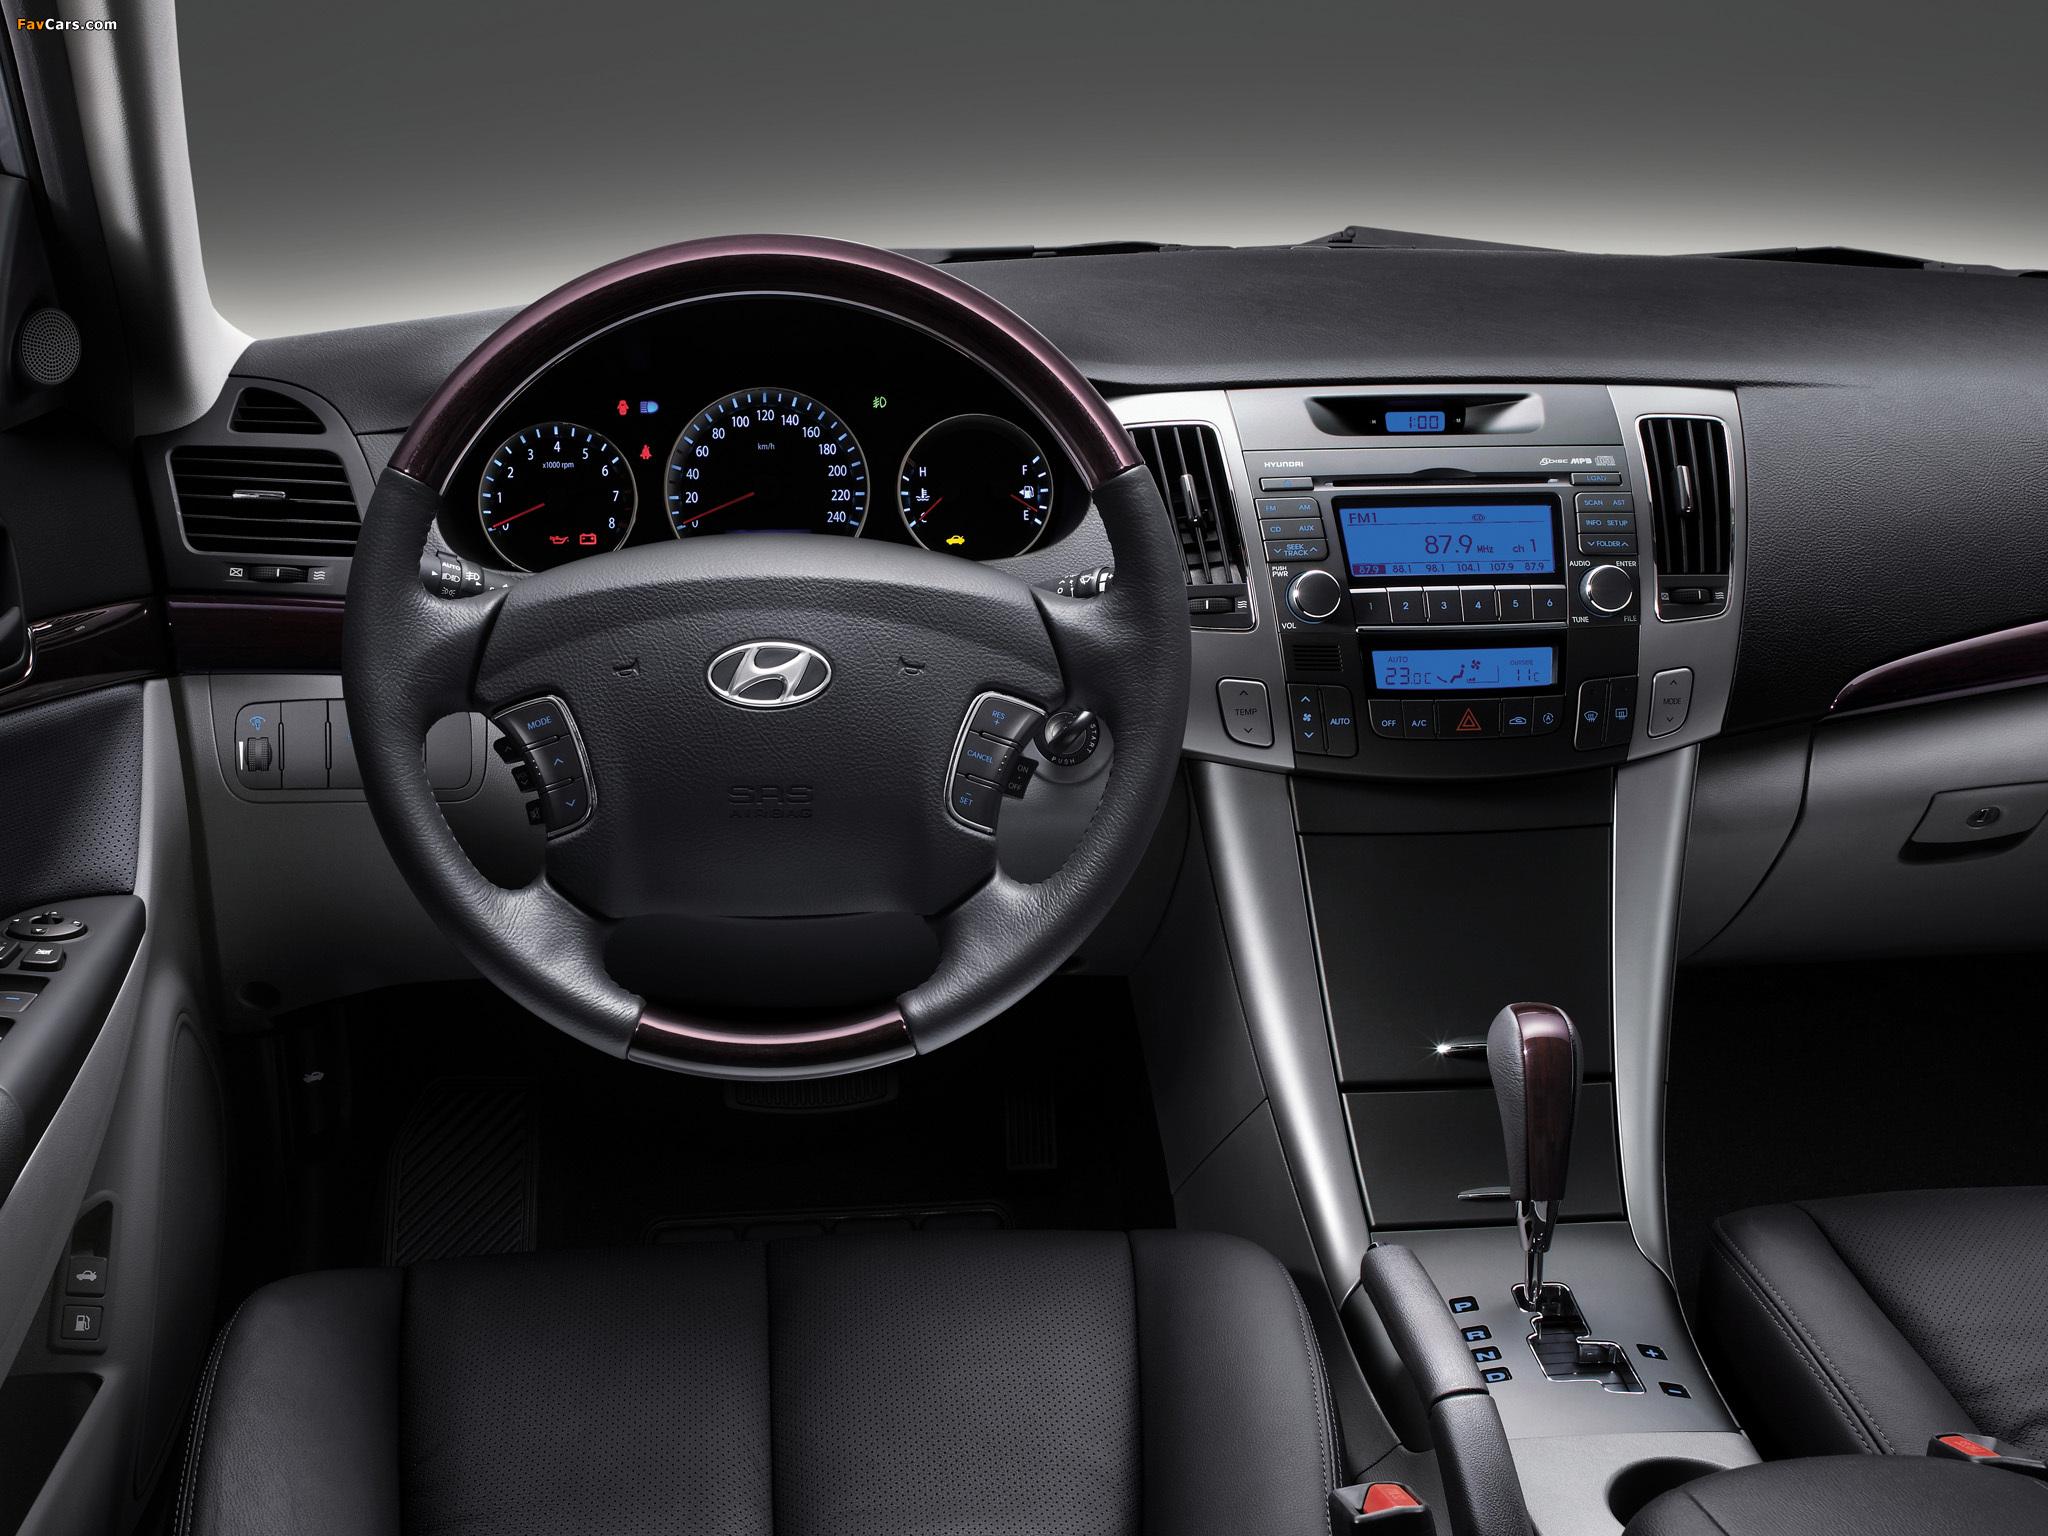 Появился «сверчок» в правом углу лобового стекла Hyundai Sonata NF